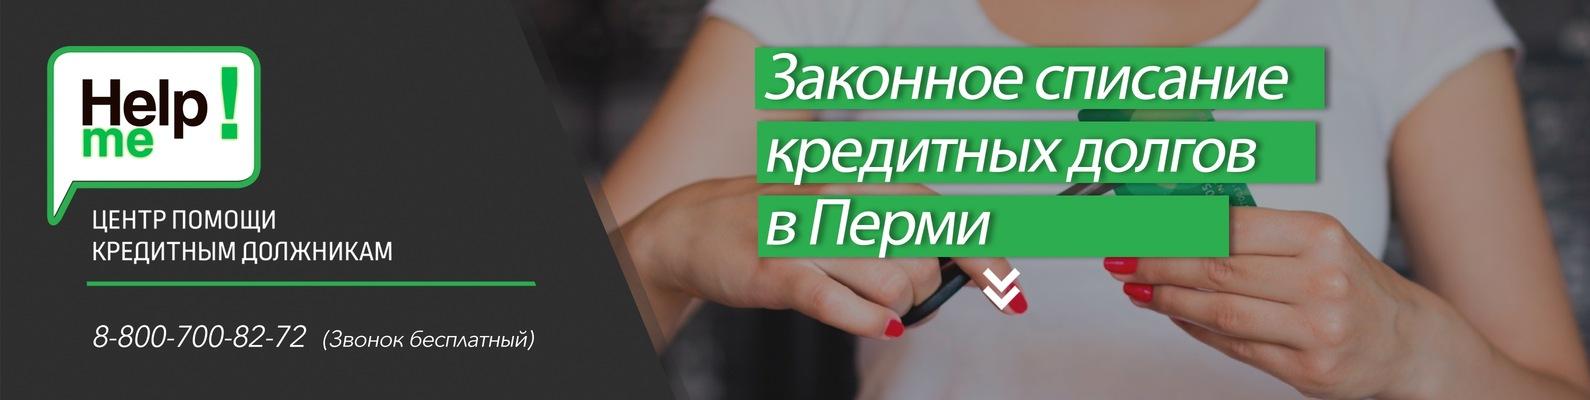 Центр списания кредитных долгов псков заявление о снятии ареста с расчетного счета образец в судебный пристав